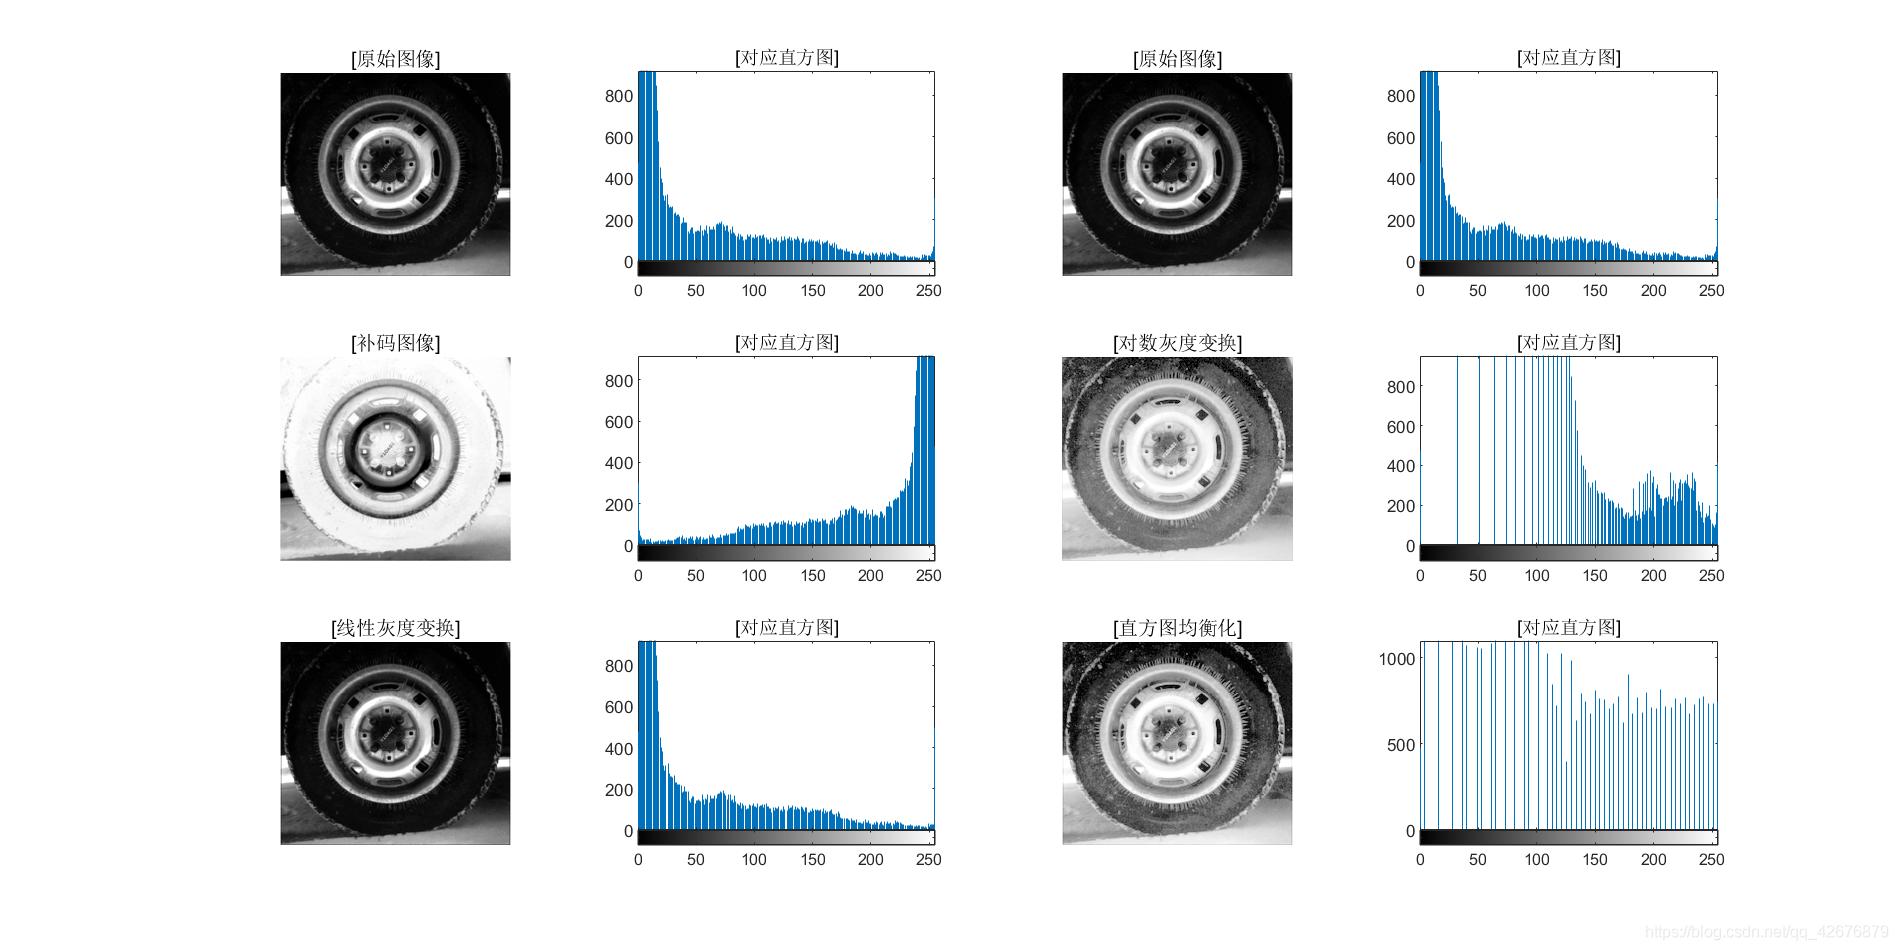 """图1-2 """"轮胎""""图像的灰度变换及其直方图均衡化"""